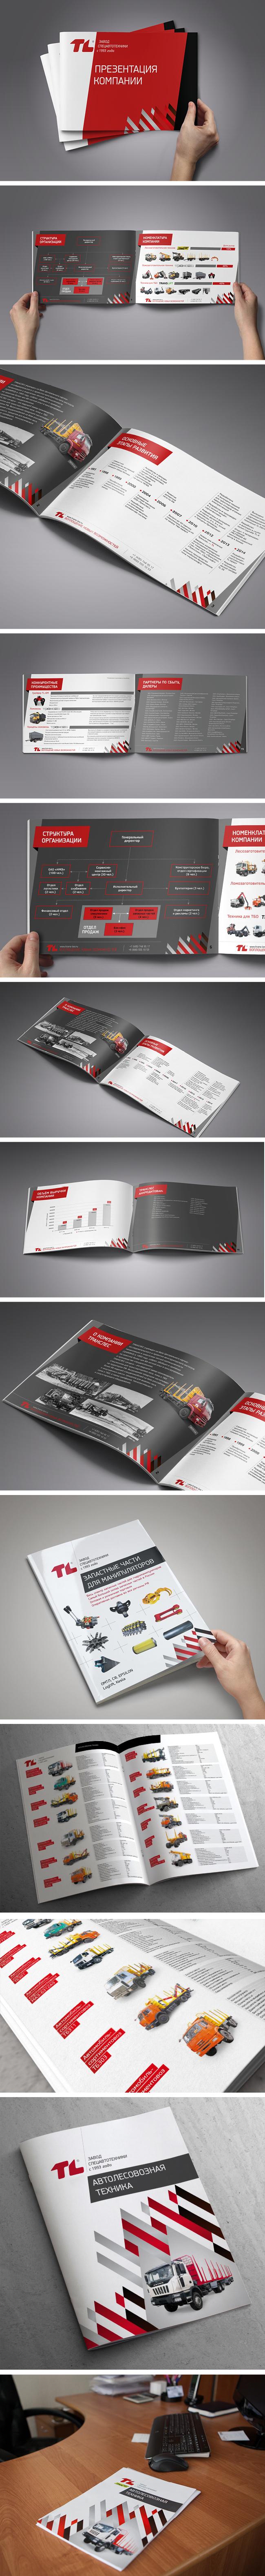 Brochure_TL_650